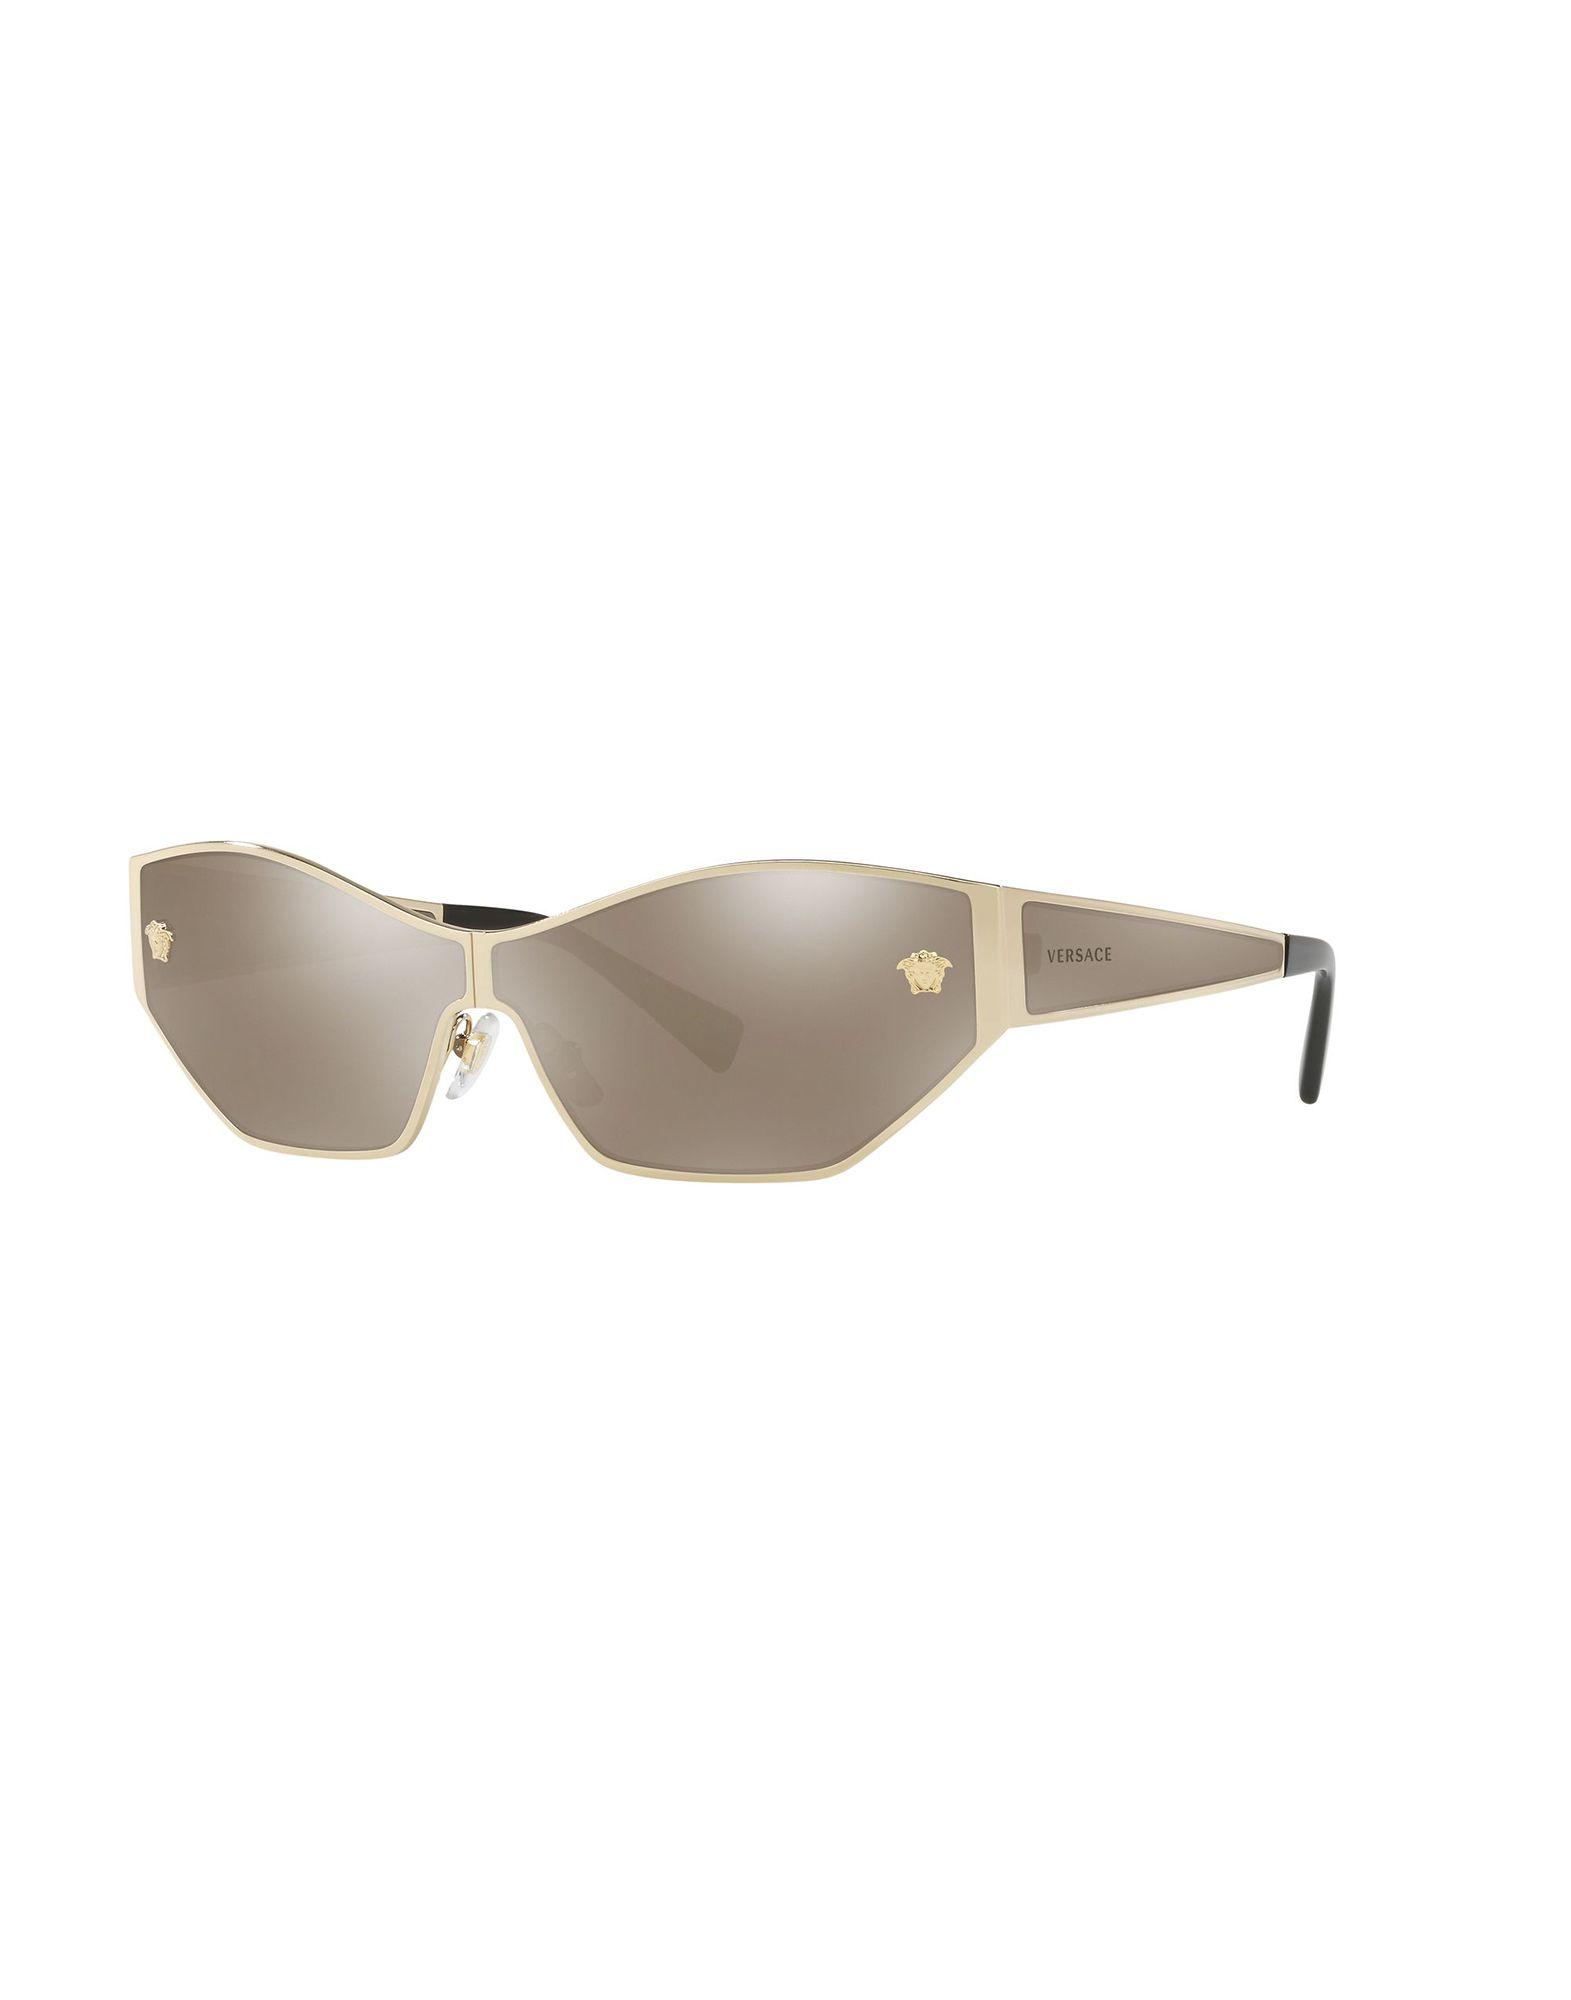 73baf9c64 Buy versace sunglasses & eyewear for women - Best women's versace ...